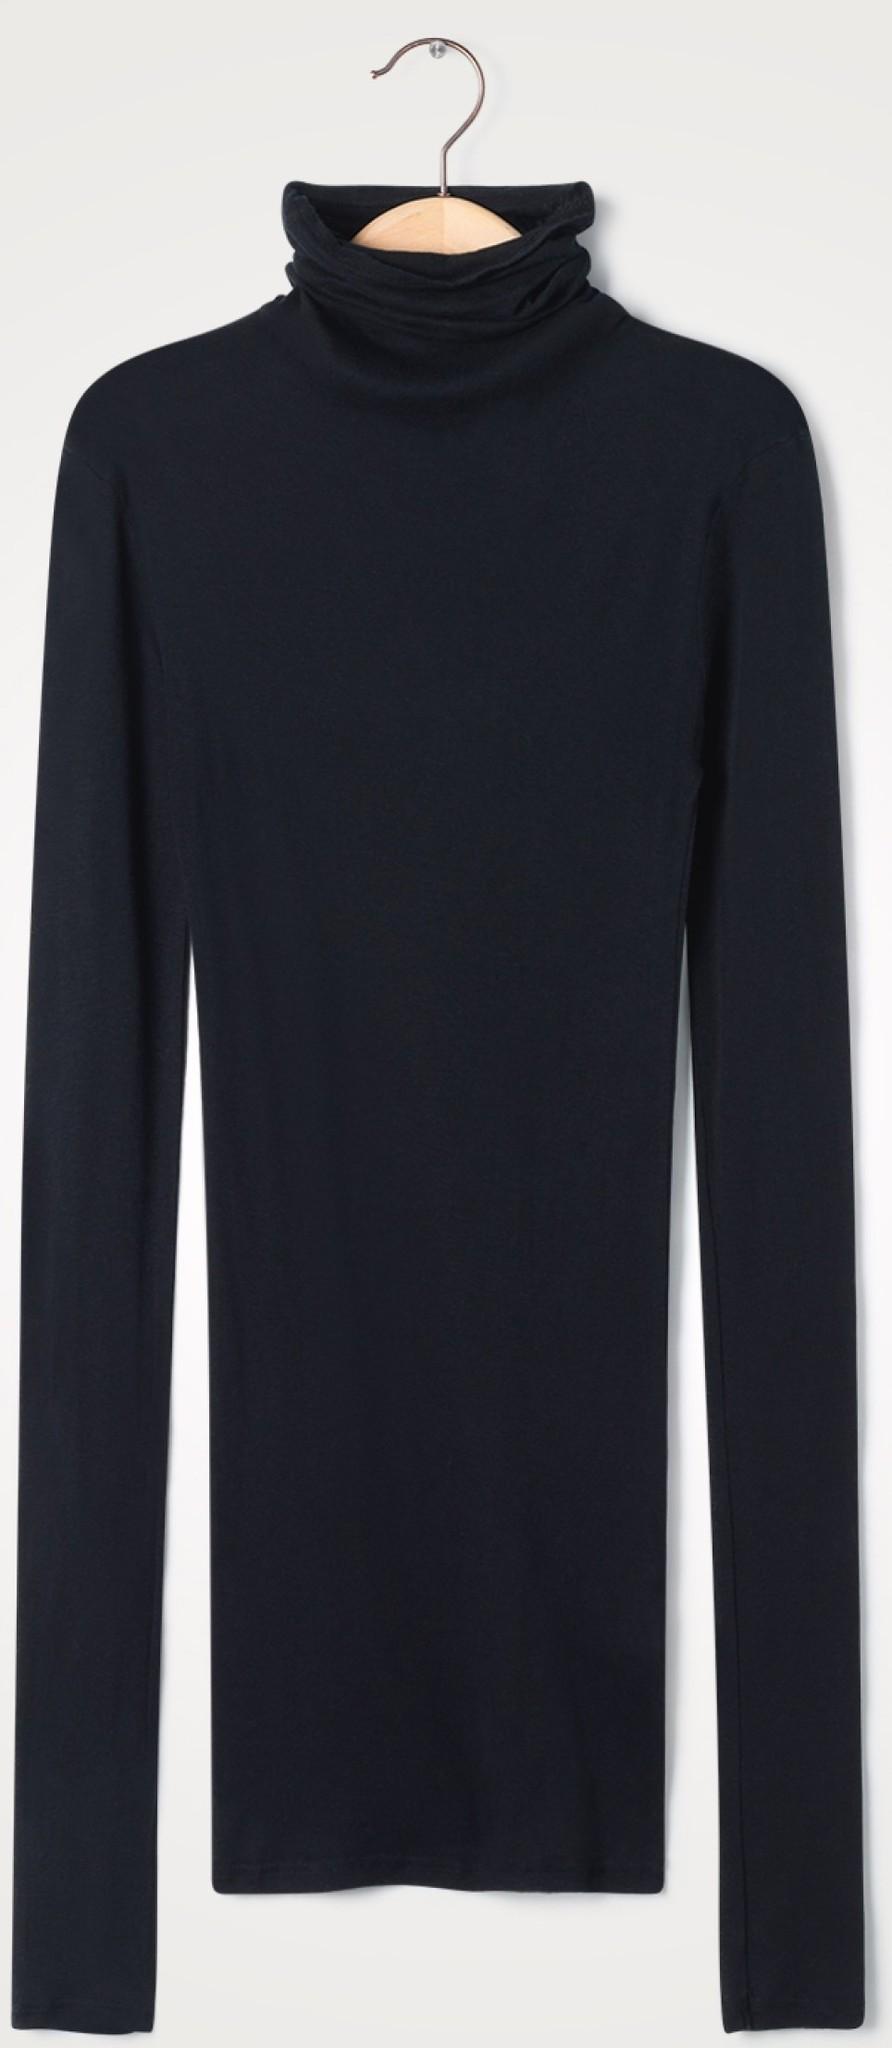 T-shirt Massachuesetss noir-1